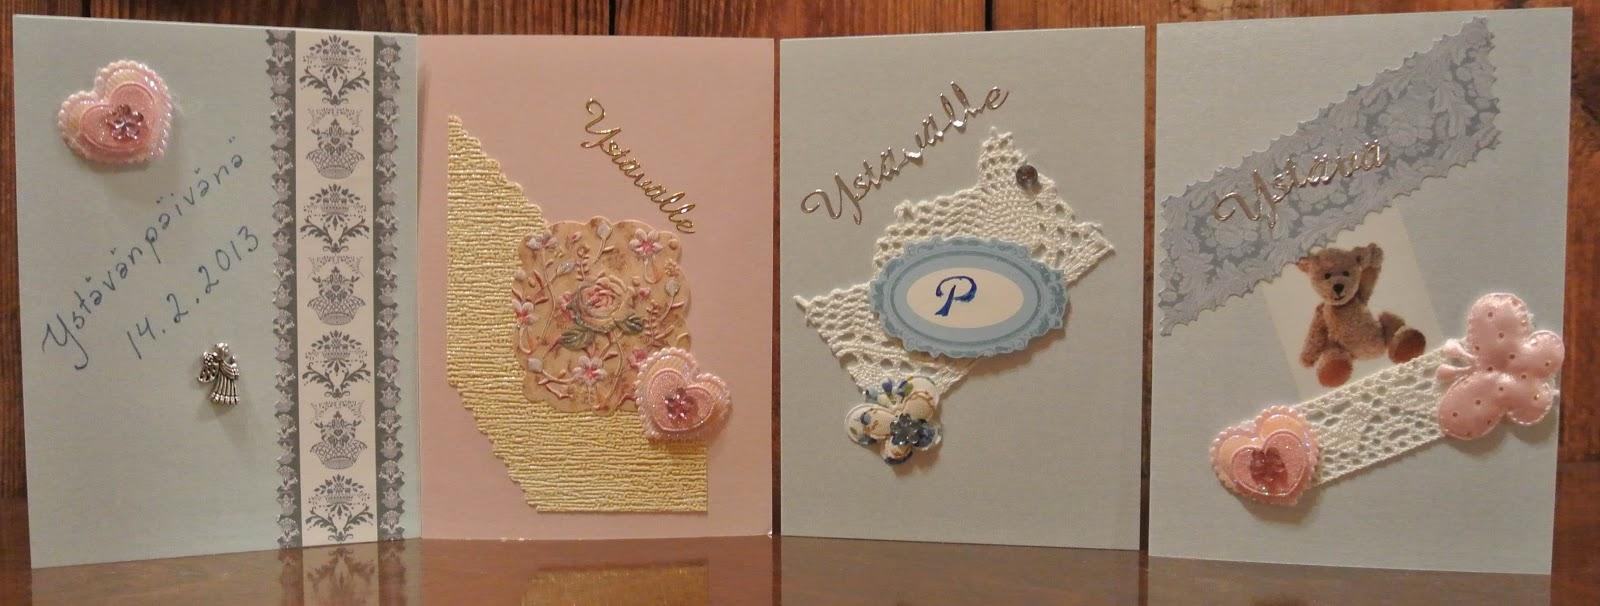 koska ystävänpäiväkortit postiin 2016